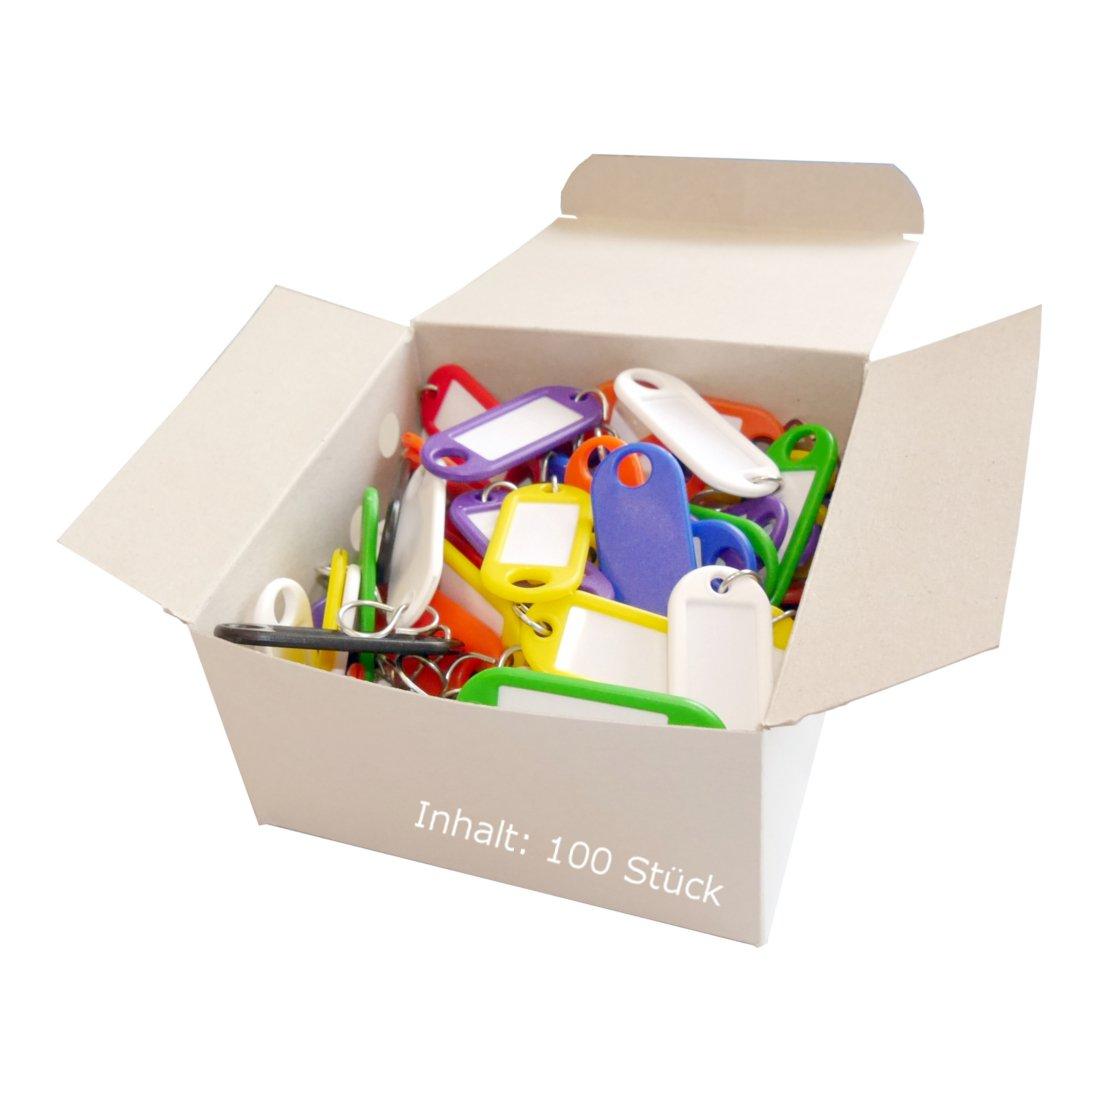 Wedo 262803400 Porte-clé s plastique (avec crochets en S Lot de 100 é tiquettes interchangeables) Rot Werner Dorsch GmbH 262803402